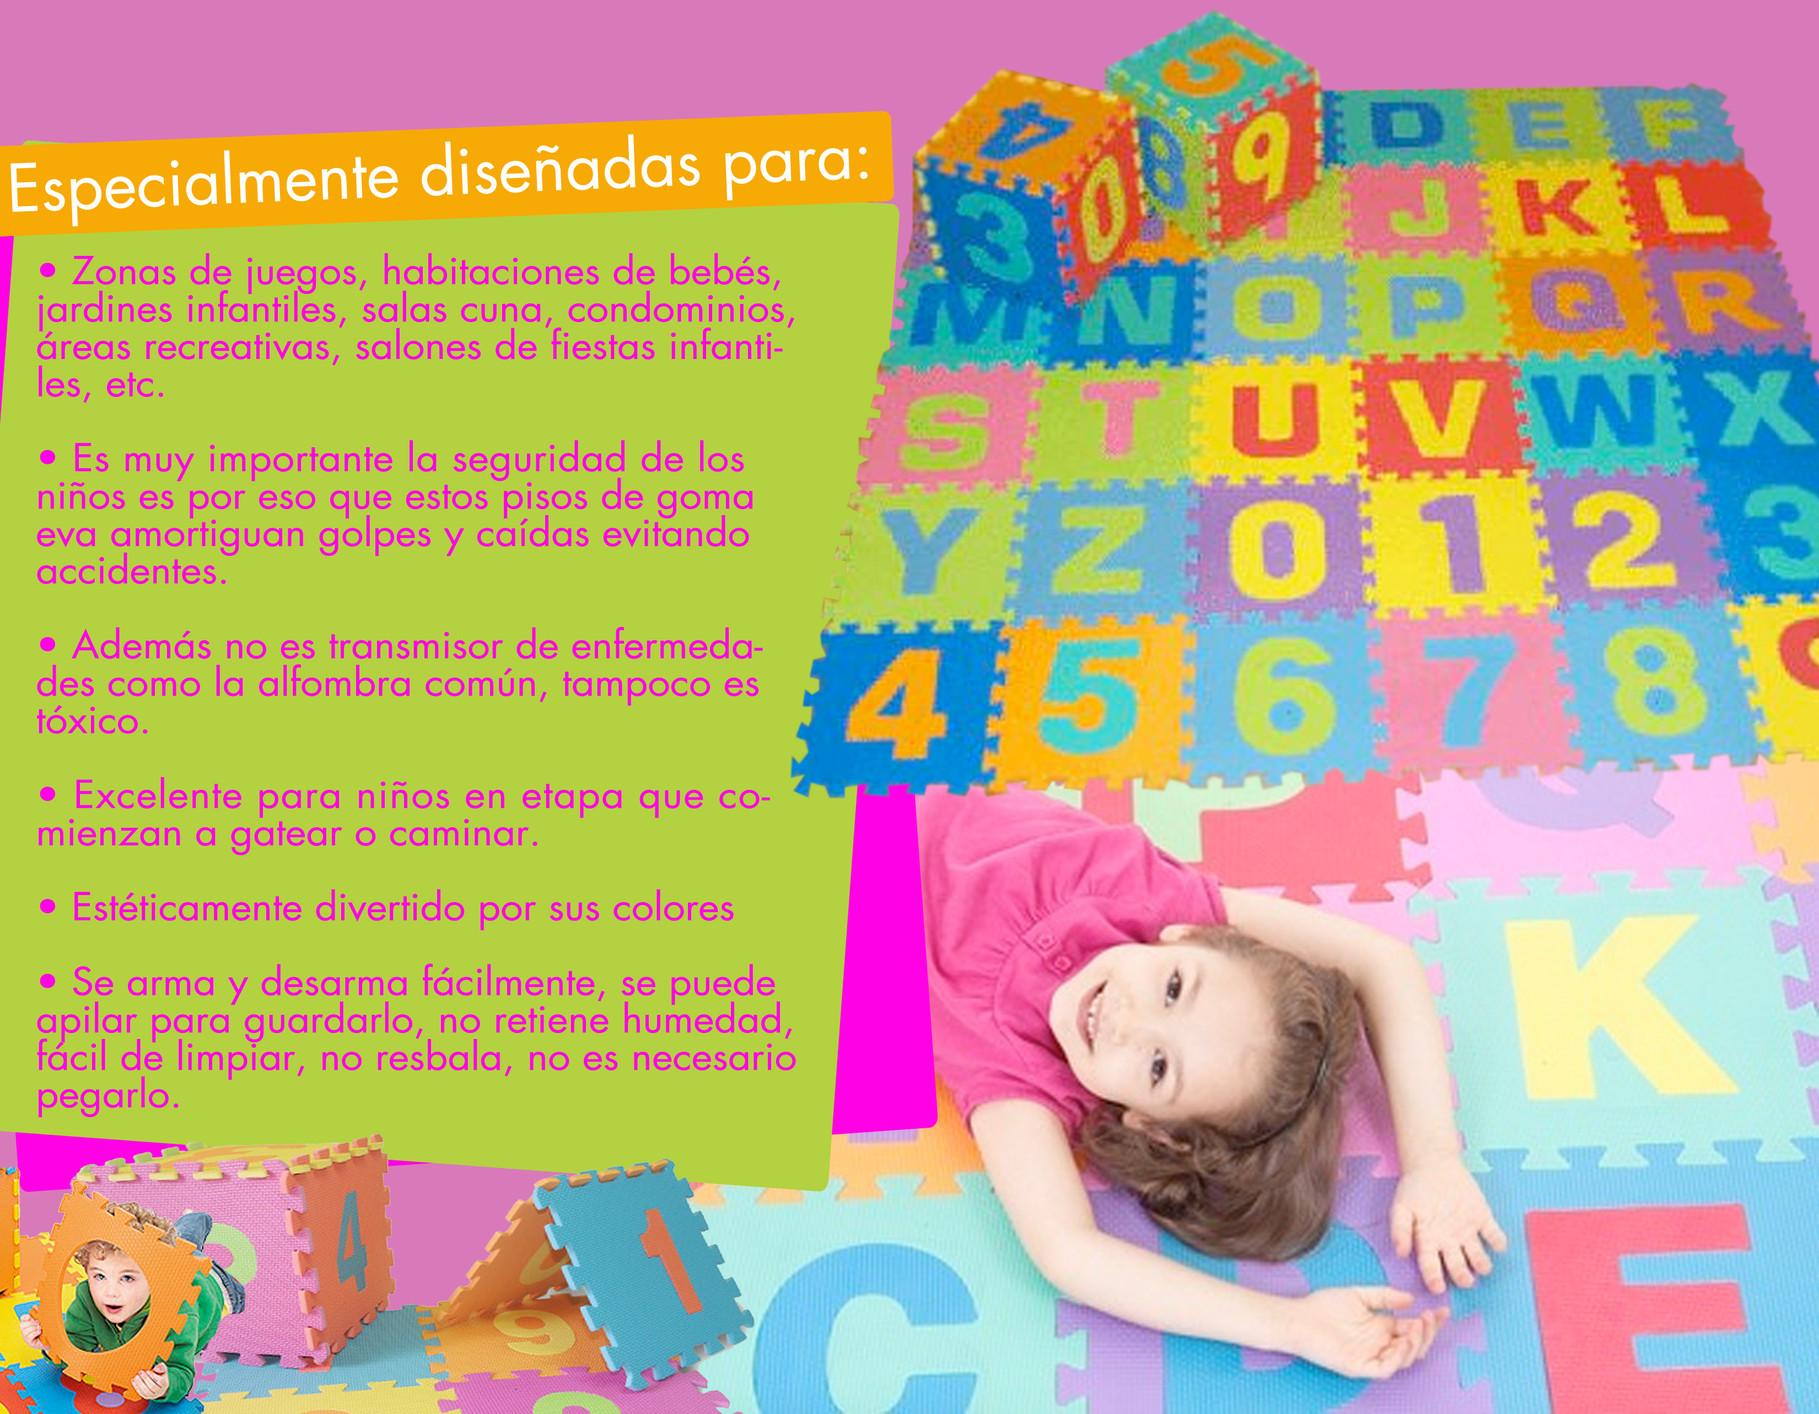 Isistore alfombras puzzle goma eva 90460233 isistore chile alfombras pisos de goma eva - Alfombras de goma espuma para ninos ...